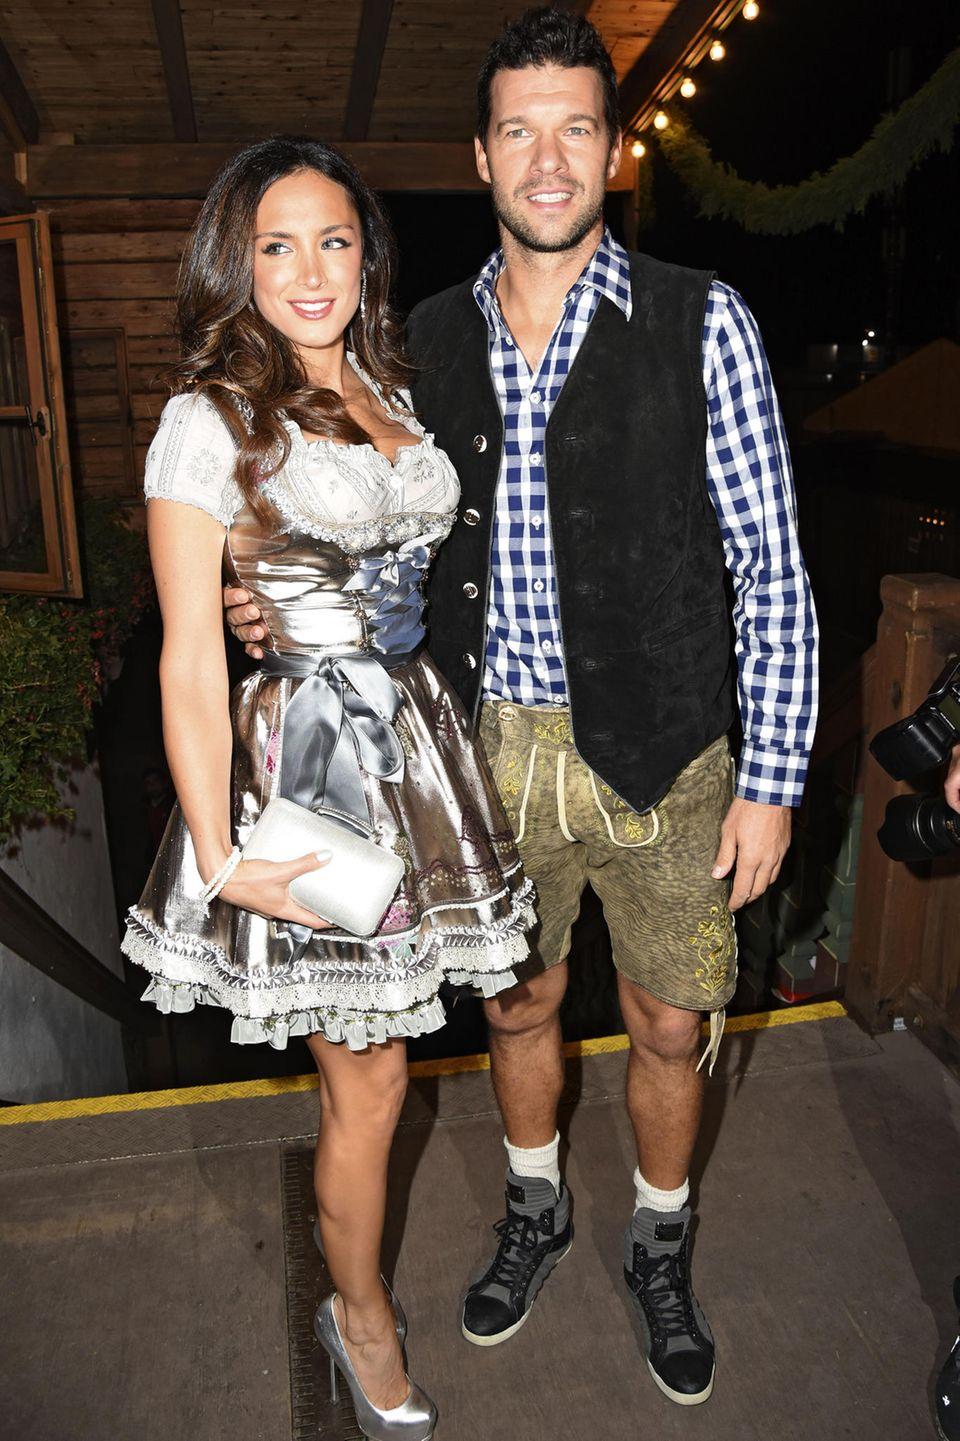 Michael Ballack hat auf dem Oktoberfest einen besonderen Grund zum Anstoßen: Er feiert hier - zusammen mit seiner Freundin Natach Tannous - seinen 41. Geburtstag.